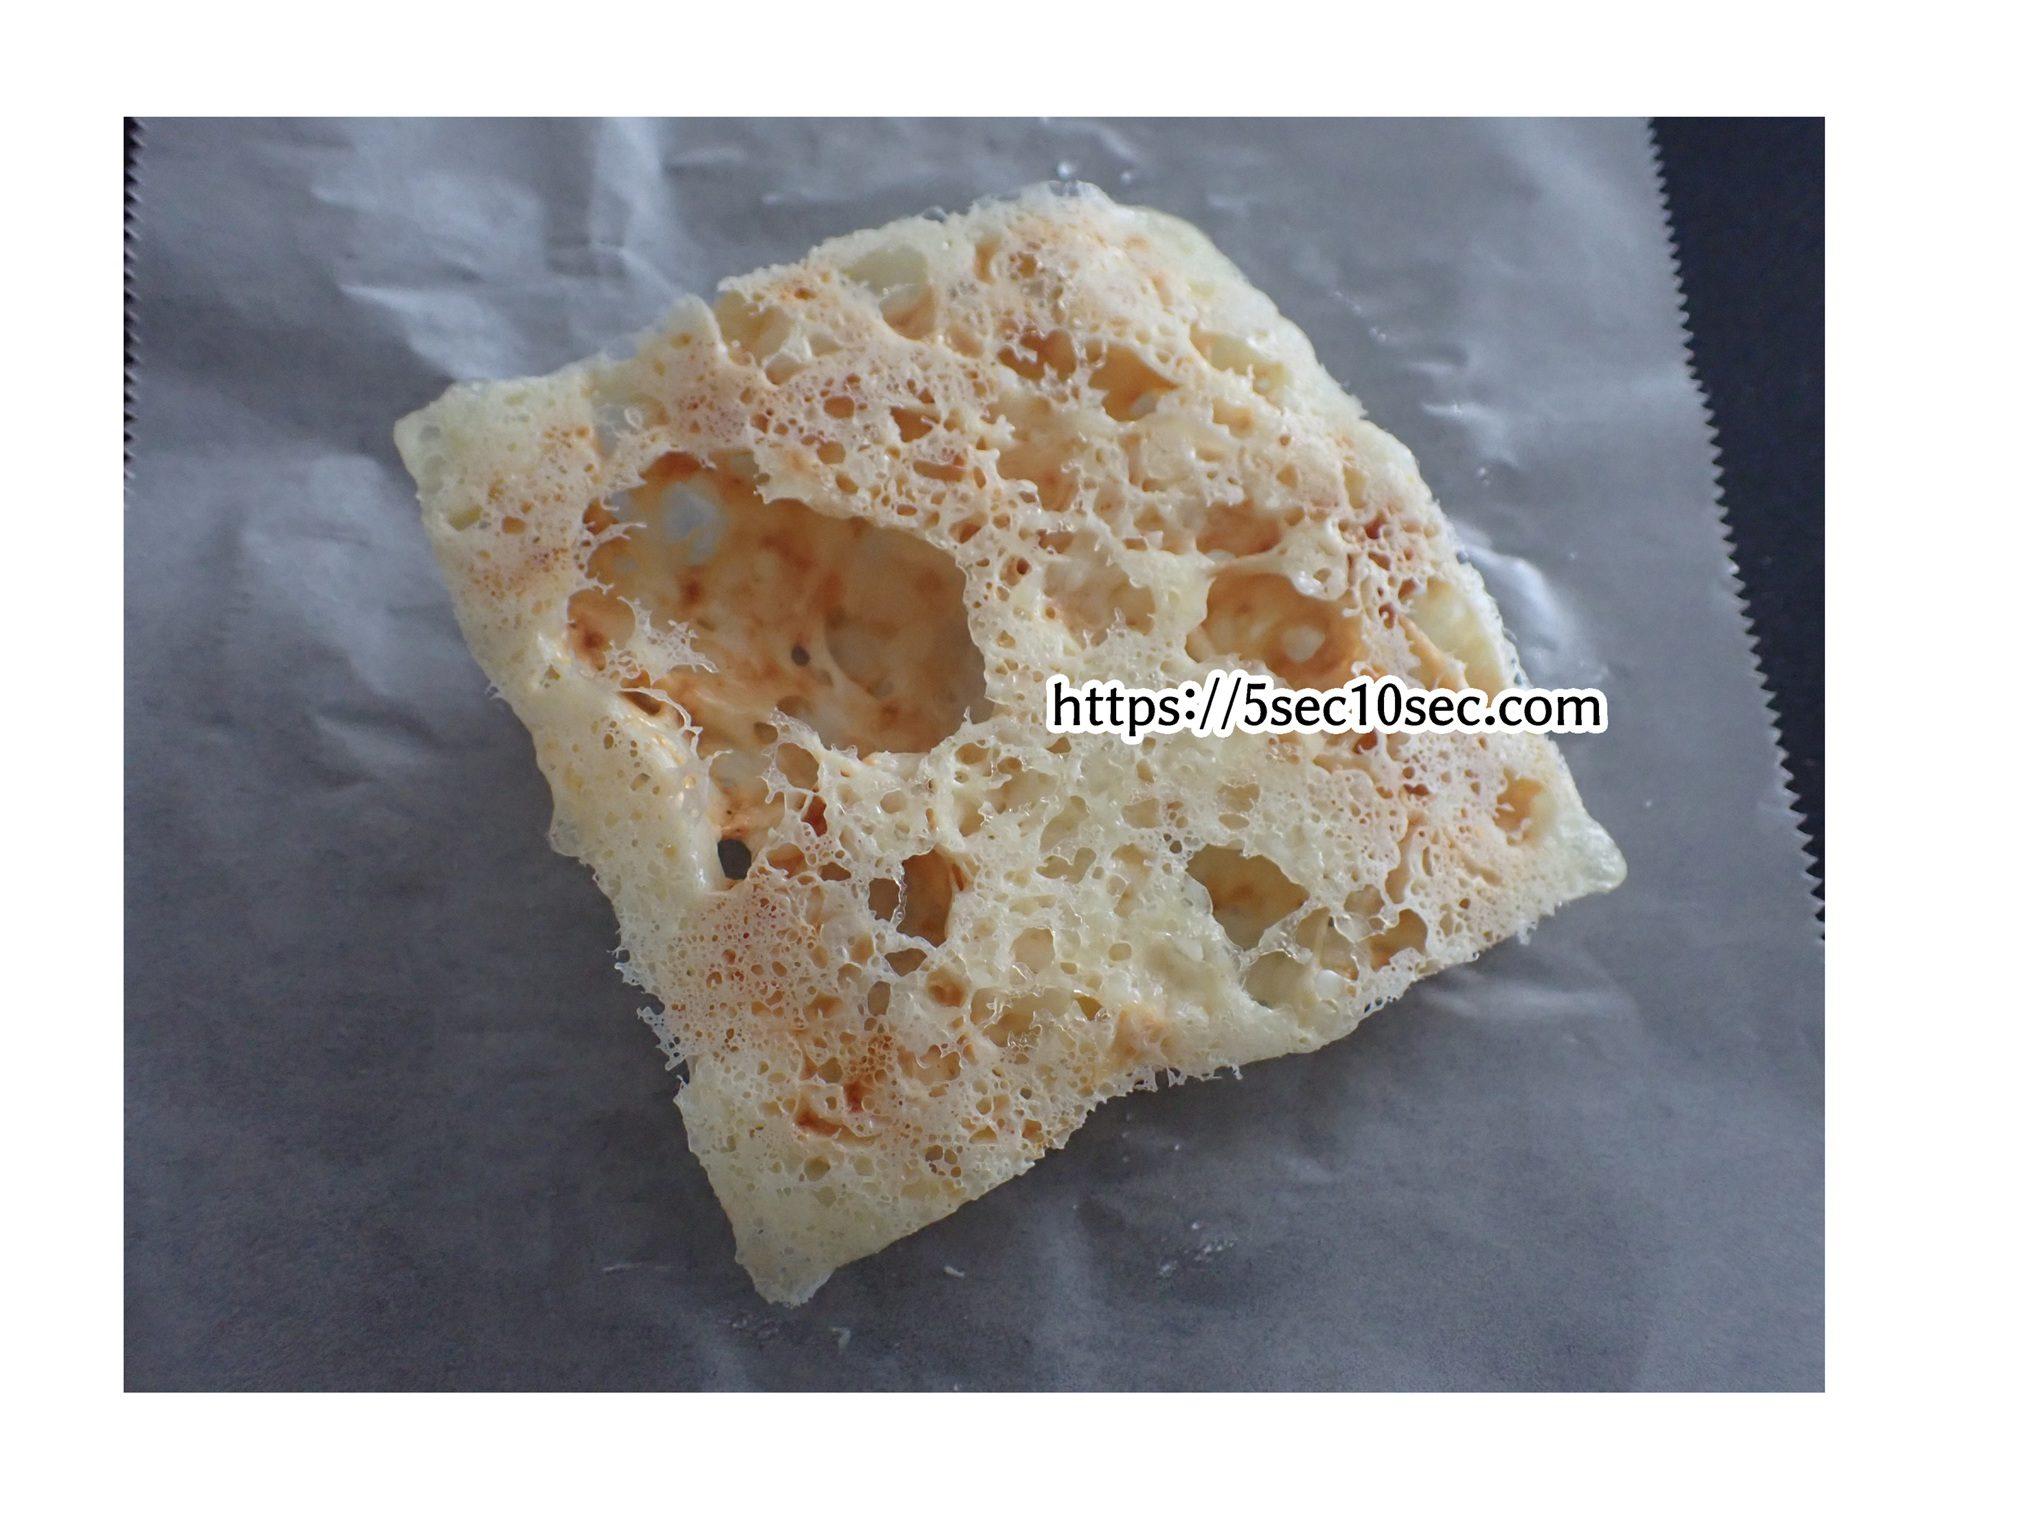 とろけないチーズを電子レンジで加熱するとふんわりボリュームのあるチーズスナックになる